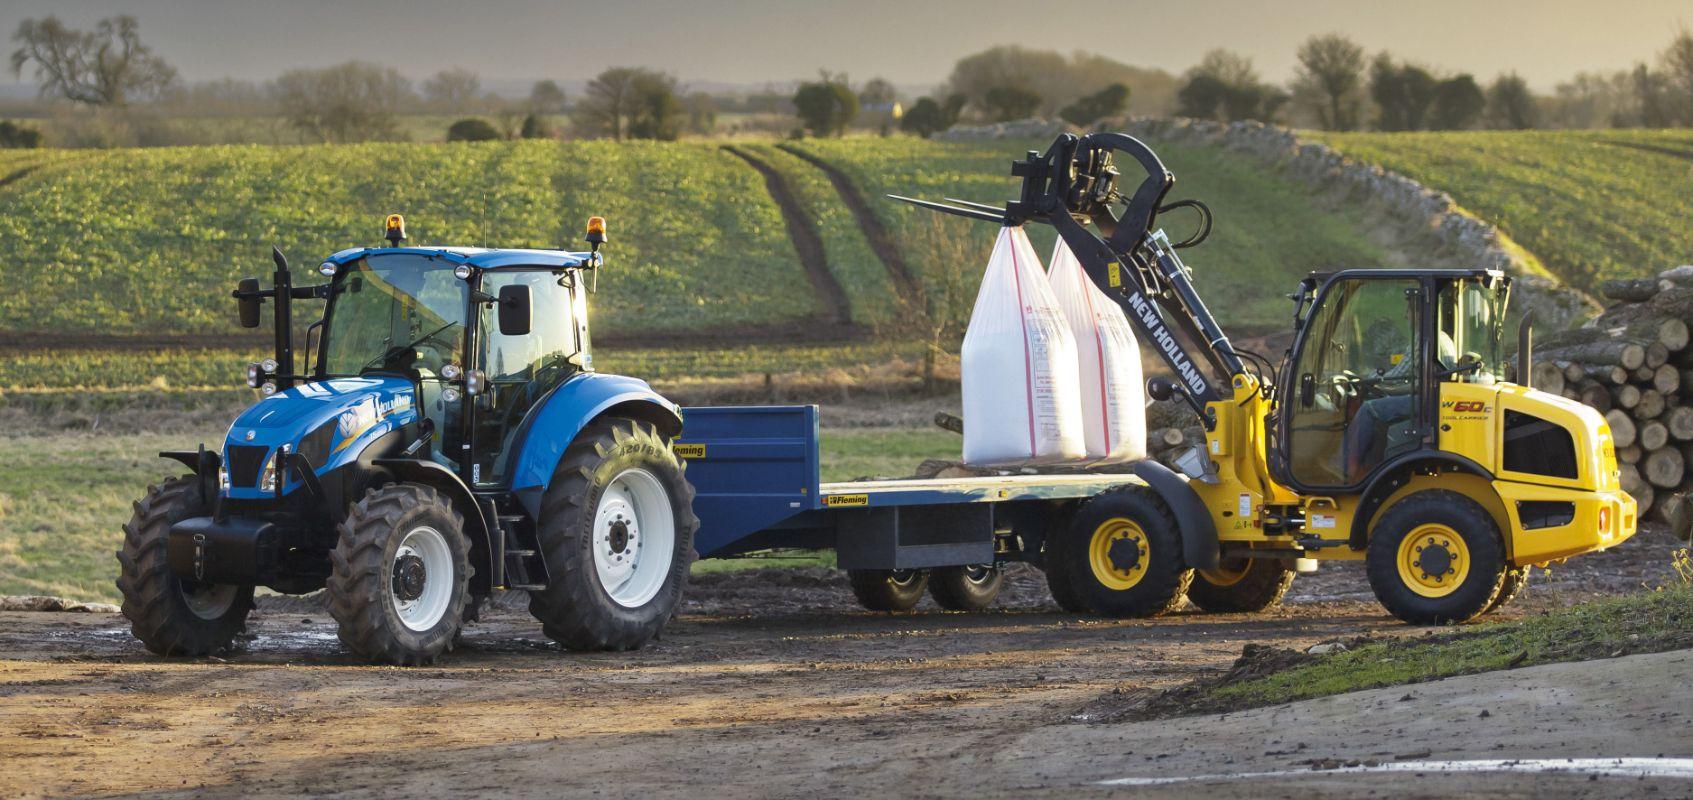 flatbed bale trailer loading fertiliser